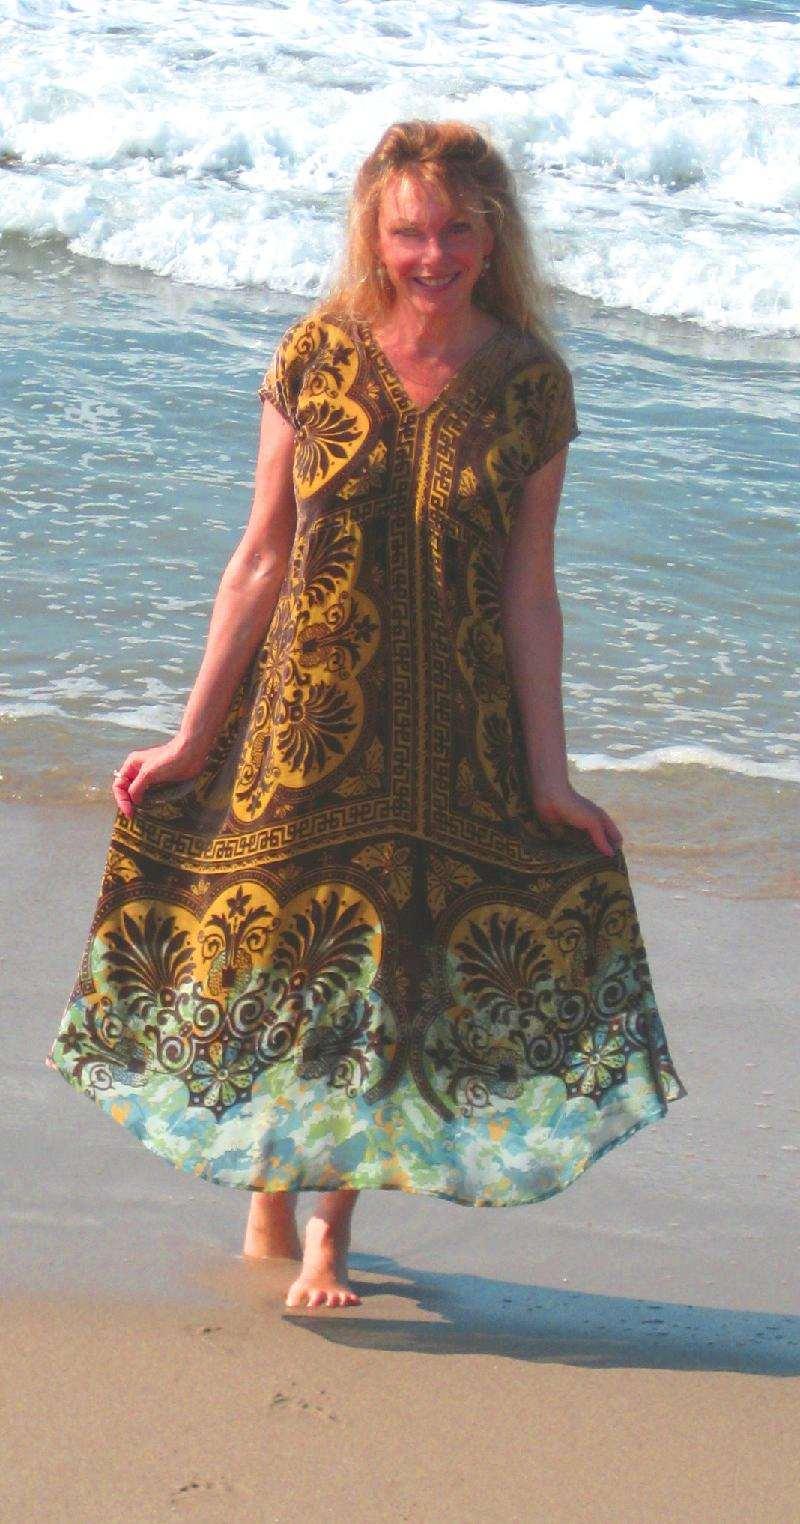 Devi Beach dress